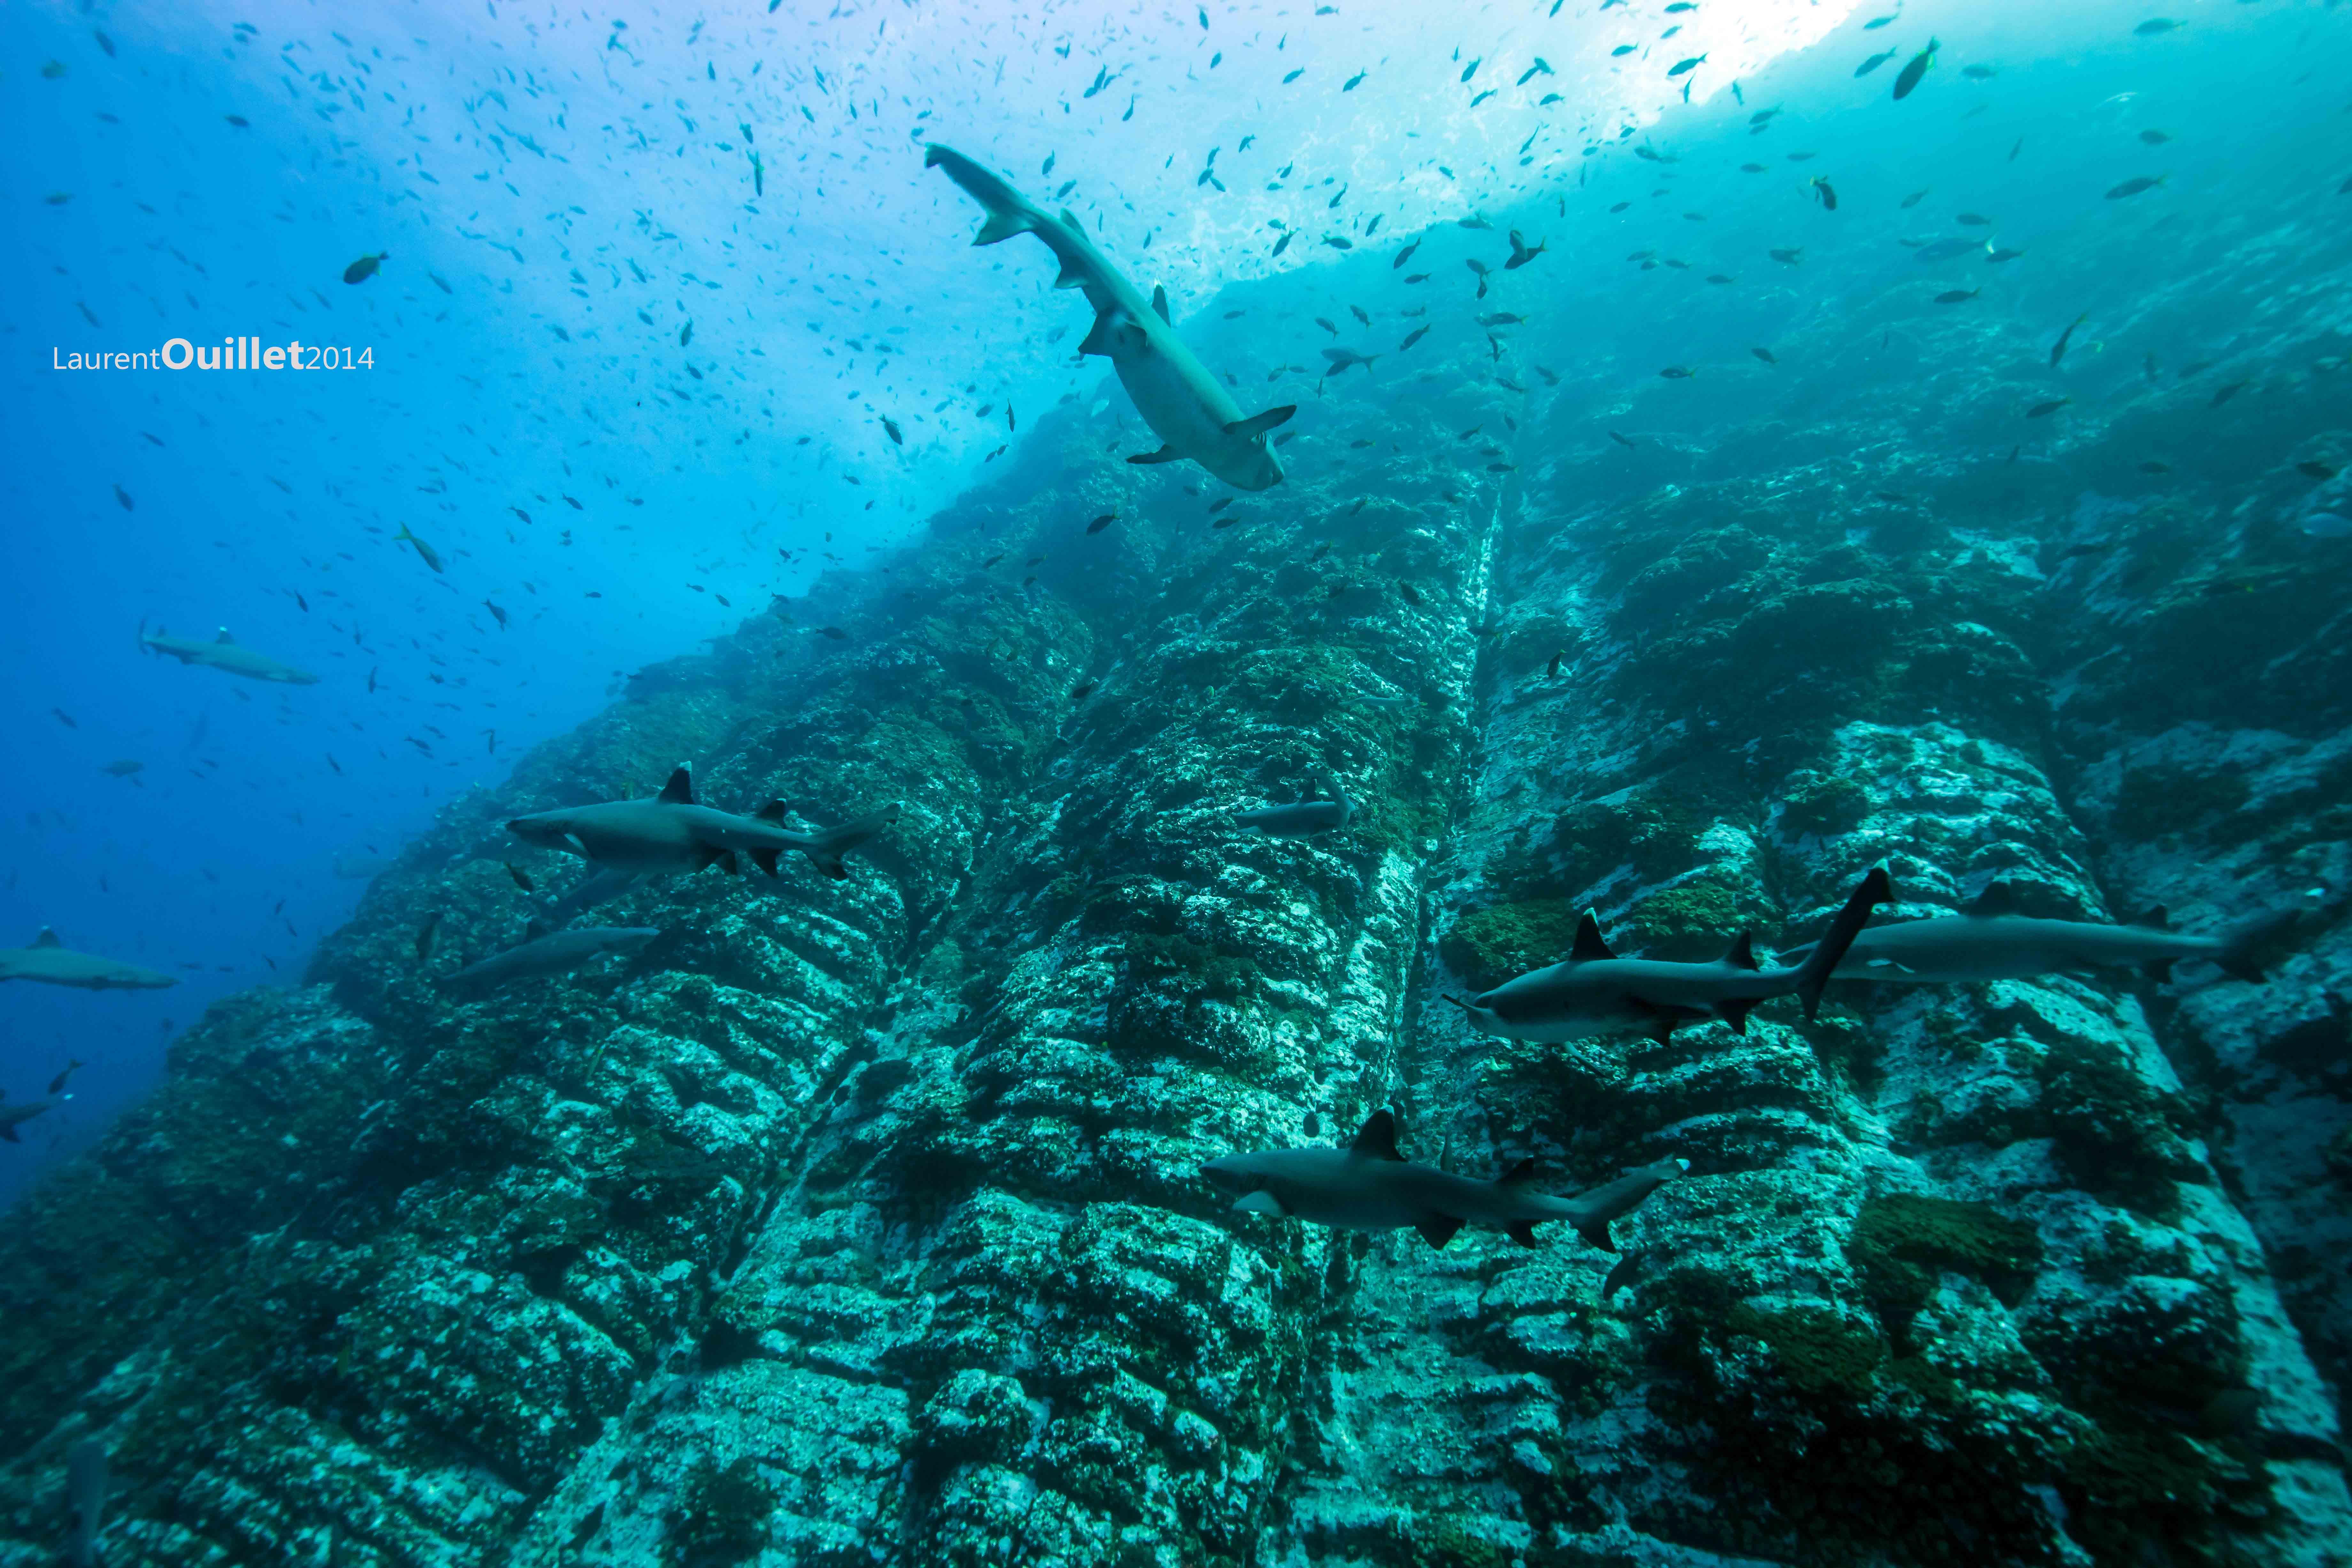 Pacifique Socorro 2014